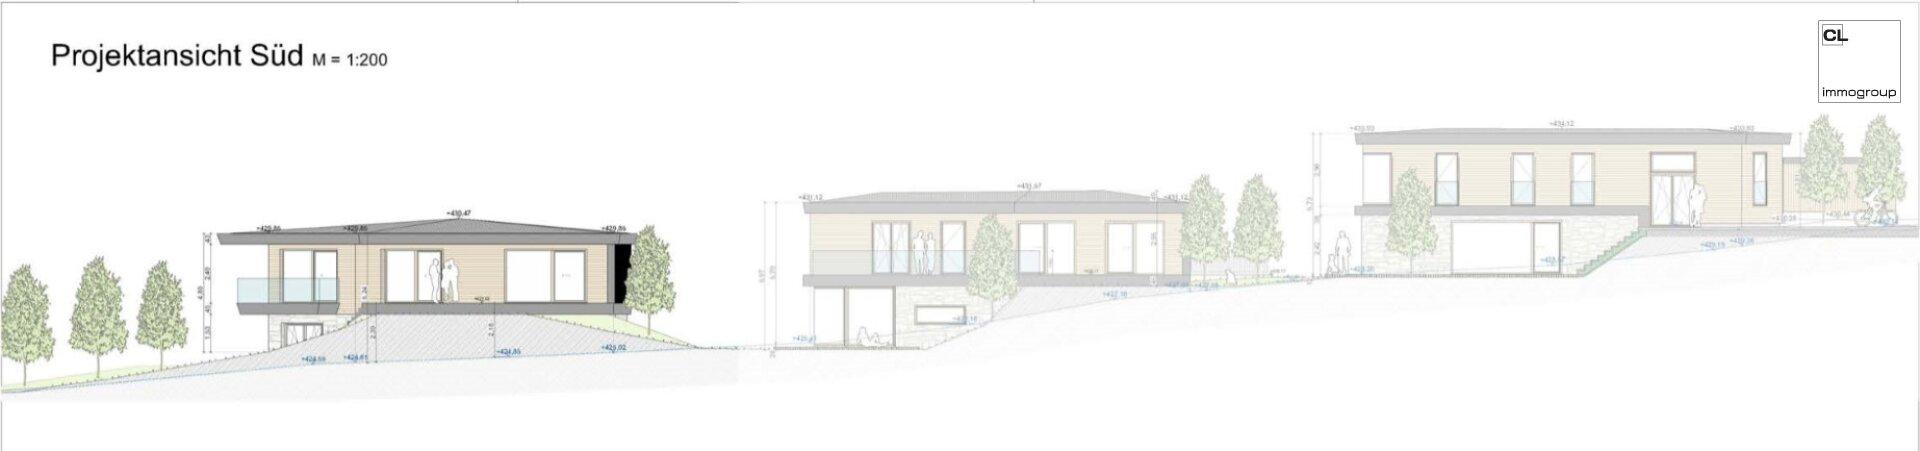 Projektansicht Süd Haus A